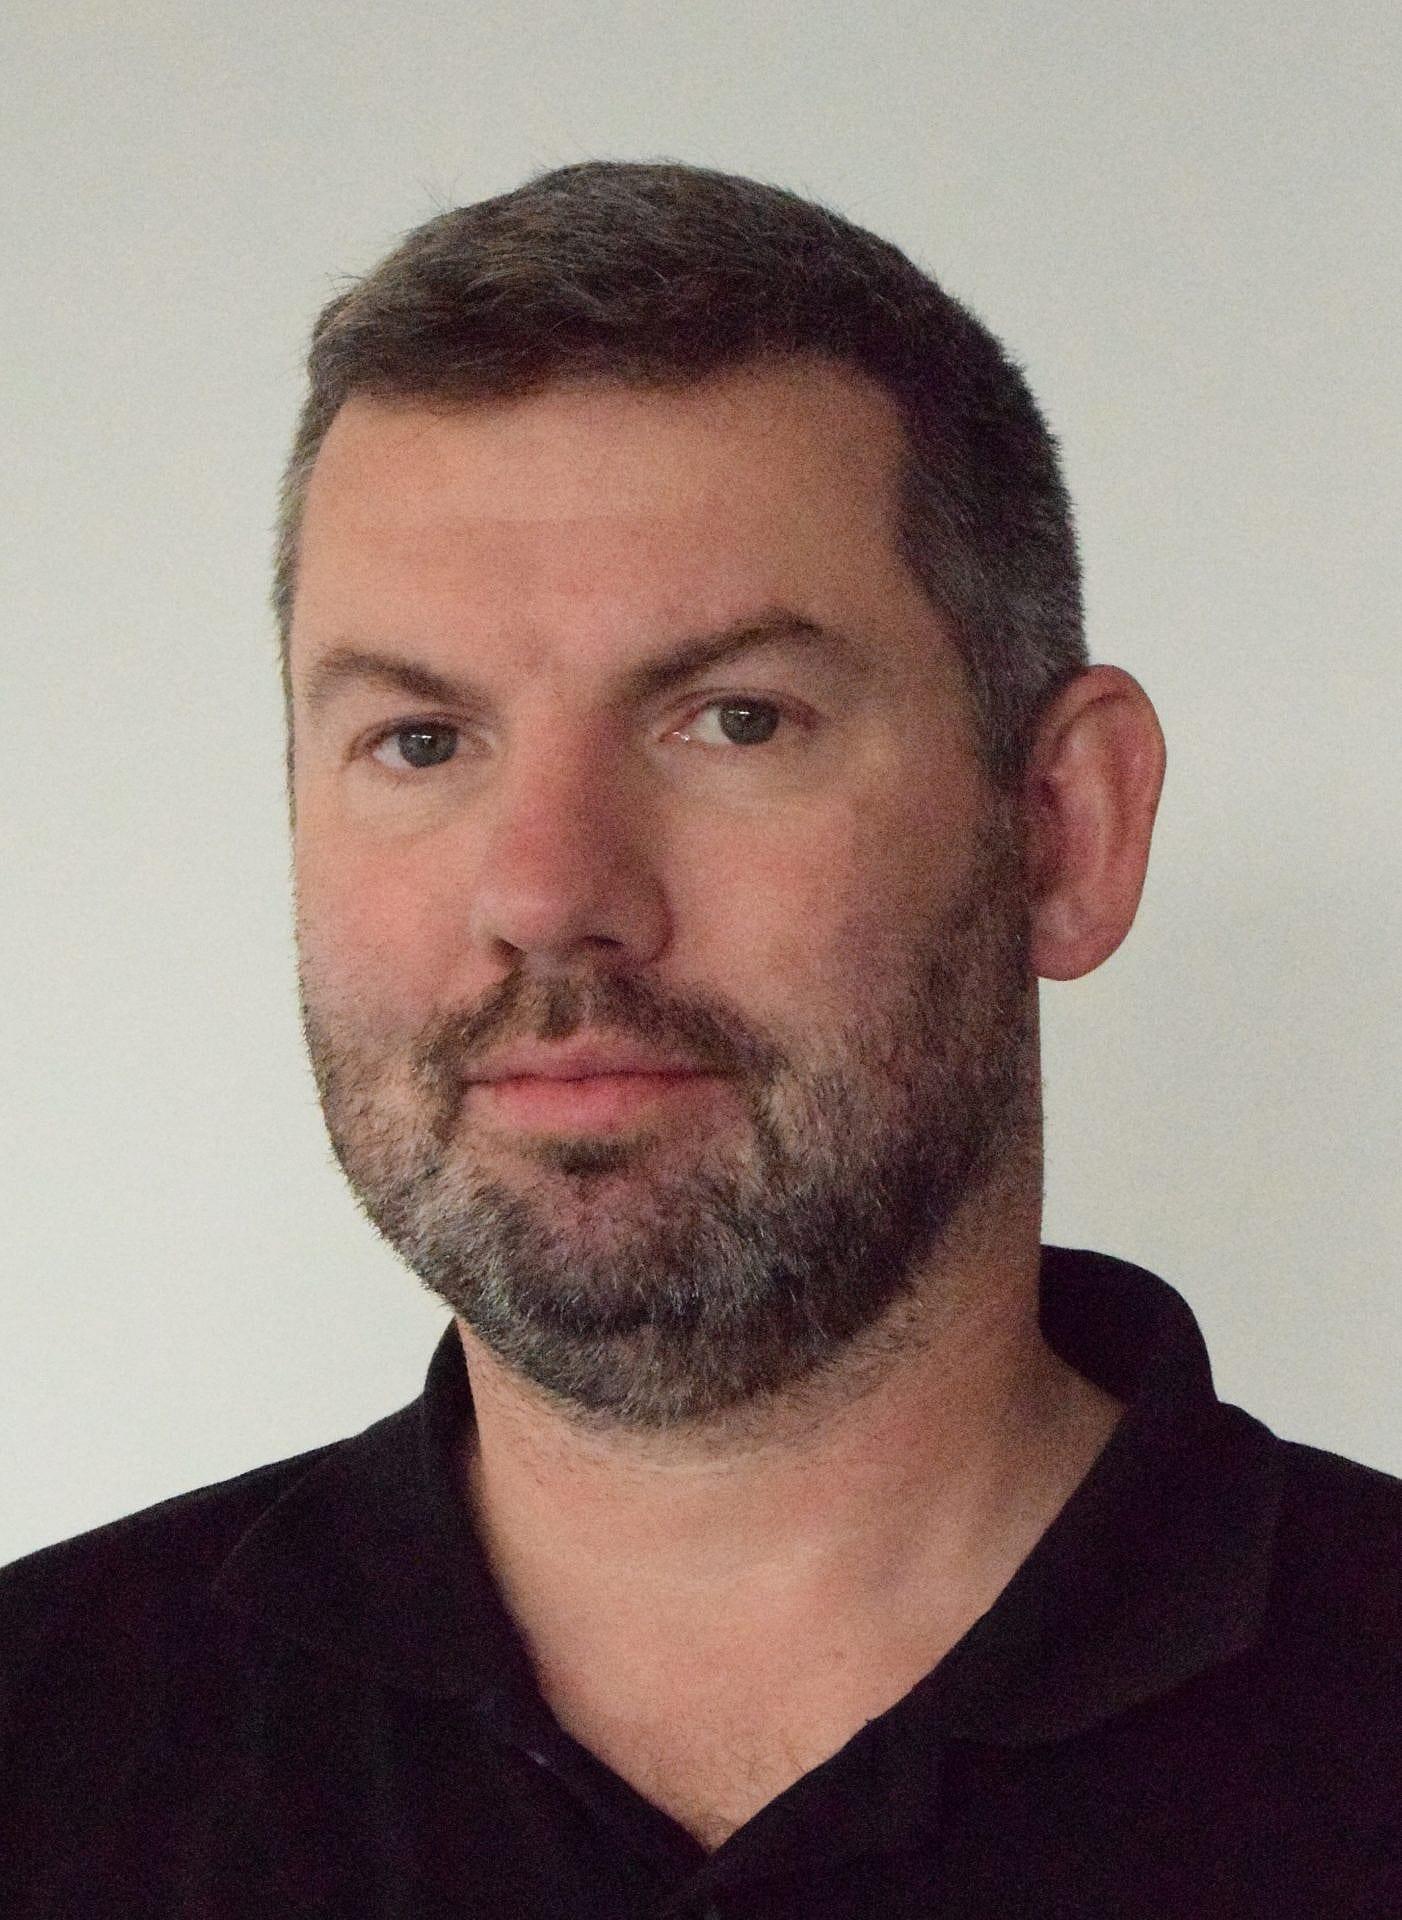 Frank Thomsen